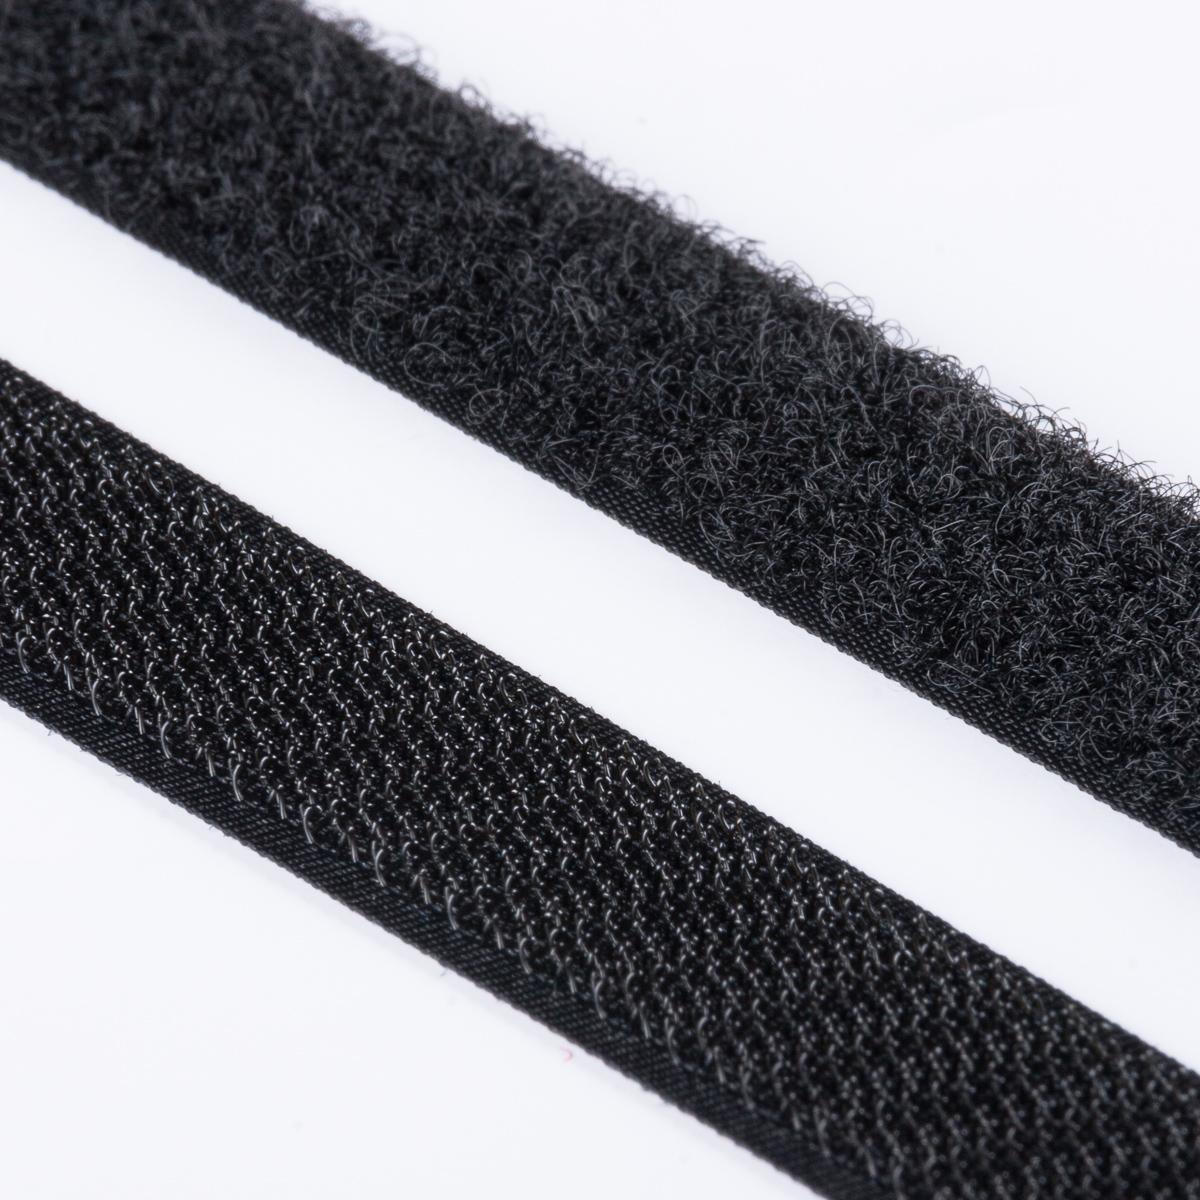 klettband haken flausch hochwertig zum aufn hen 20mm schwarz klett zum aufn hen klettband. Black Bedroom Furniture Sets. Home Design Ideas